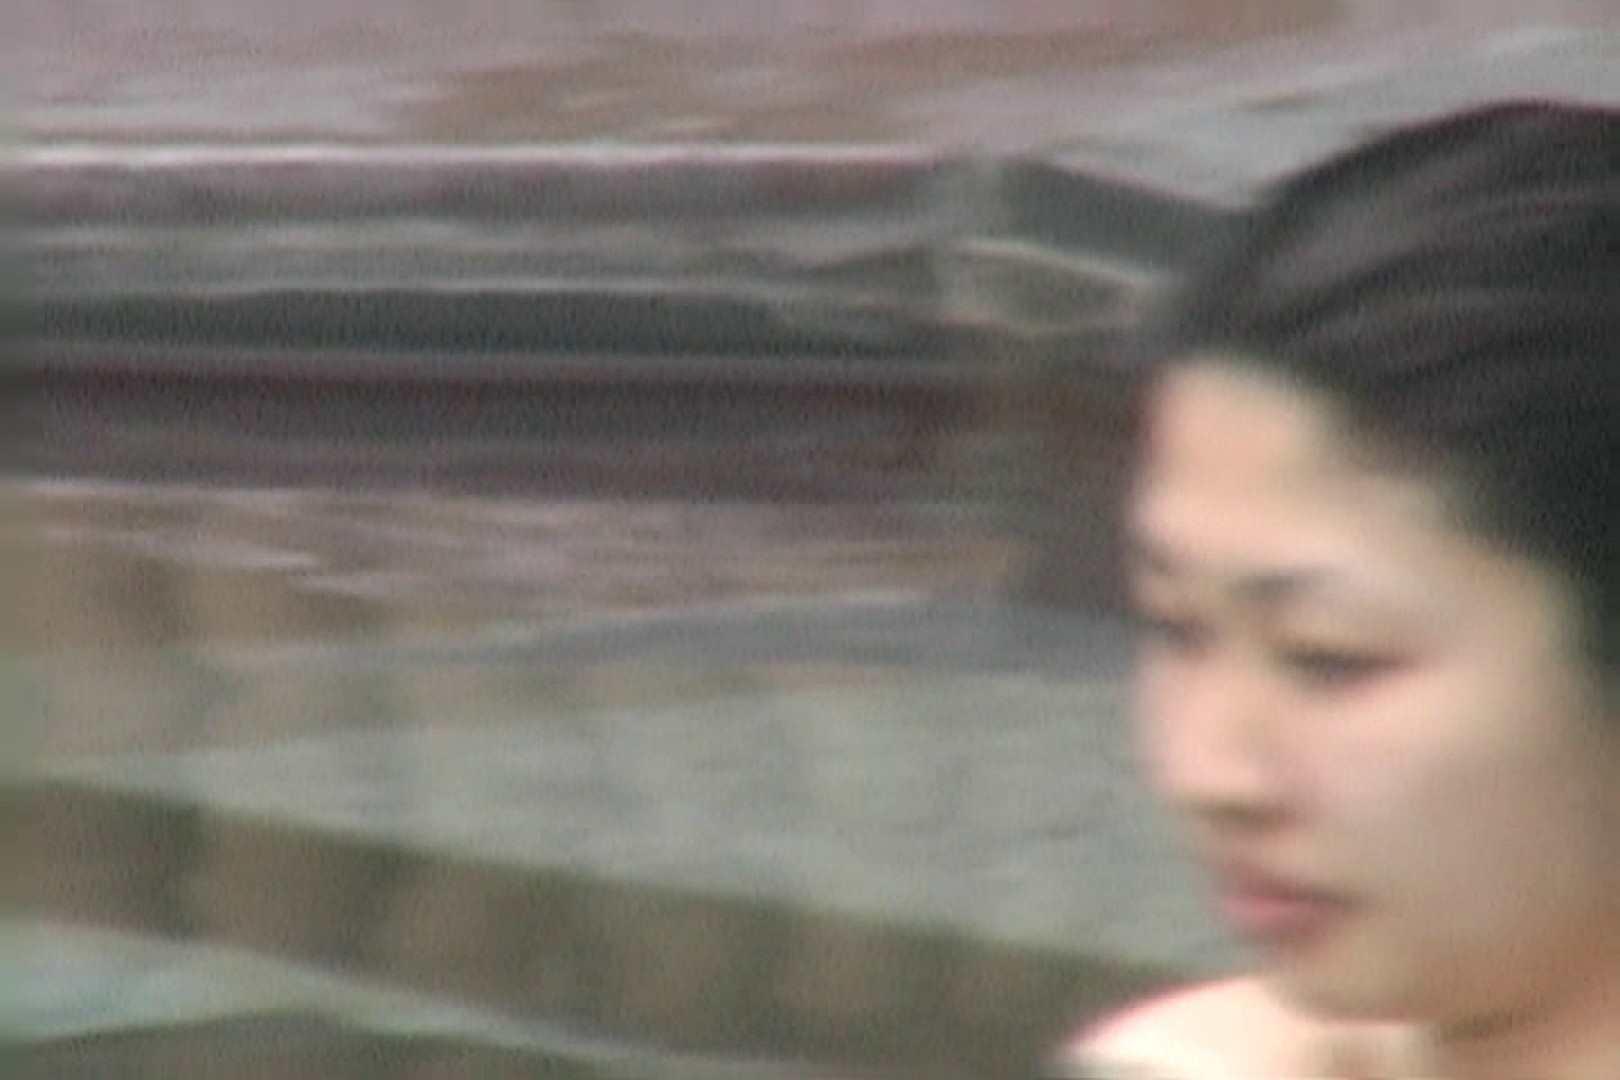 Aquaな露天風呂Vol.642 盗撮シリーズ  92PIX 34